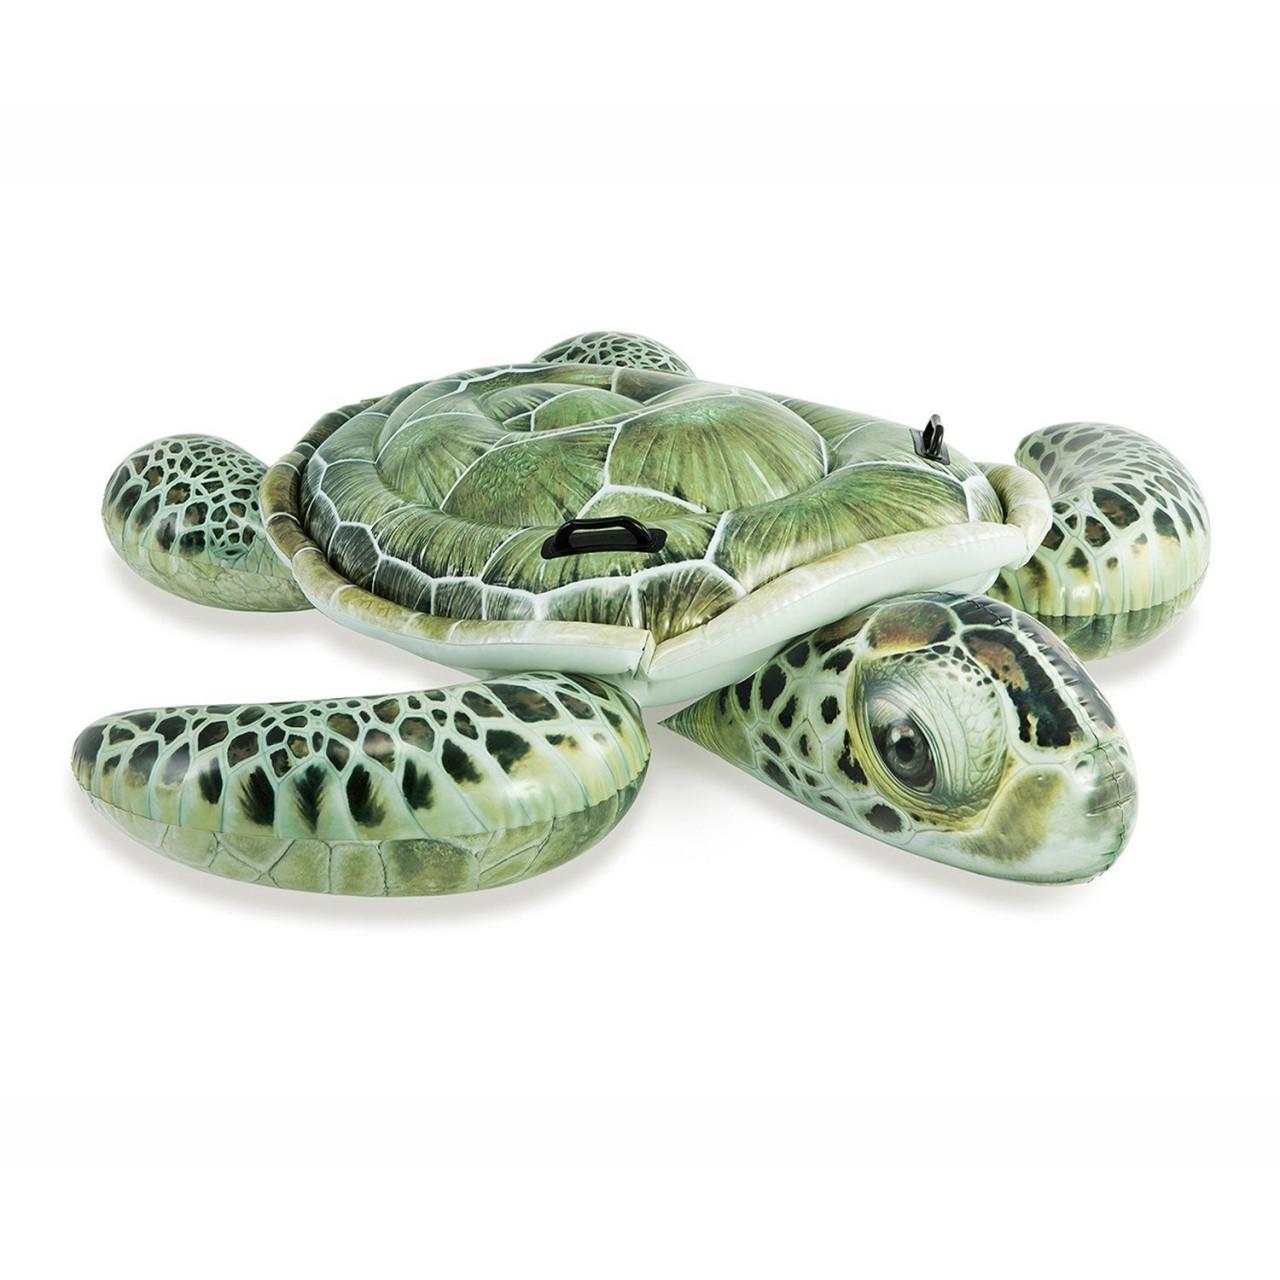 Intex Schwimmtier Schildkröte Luftmatratze 190 x170cm Reittier aufblasbar 57555